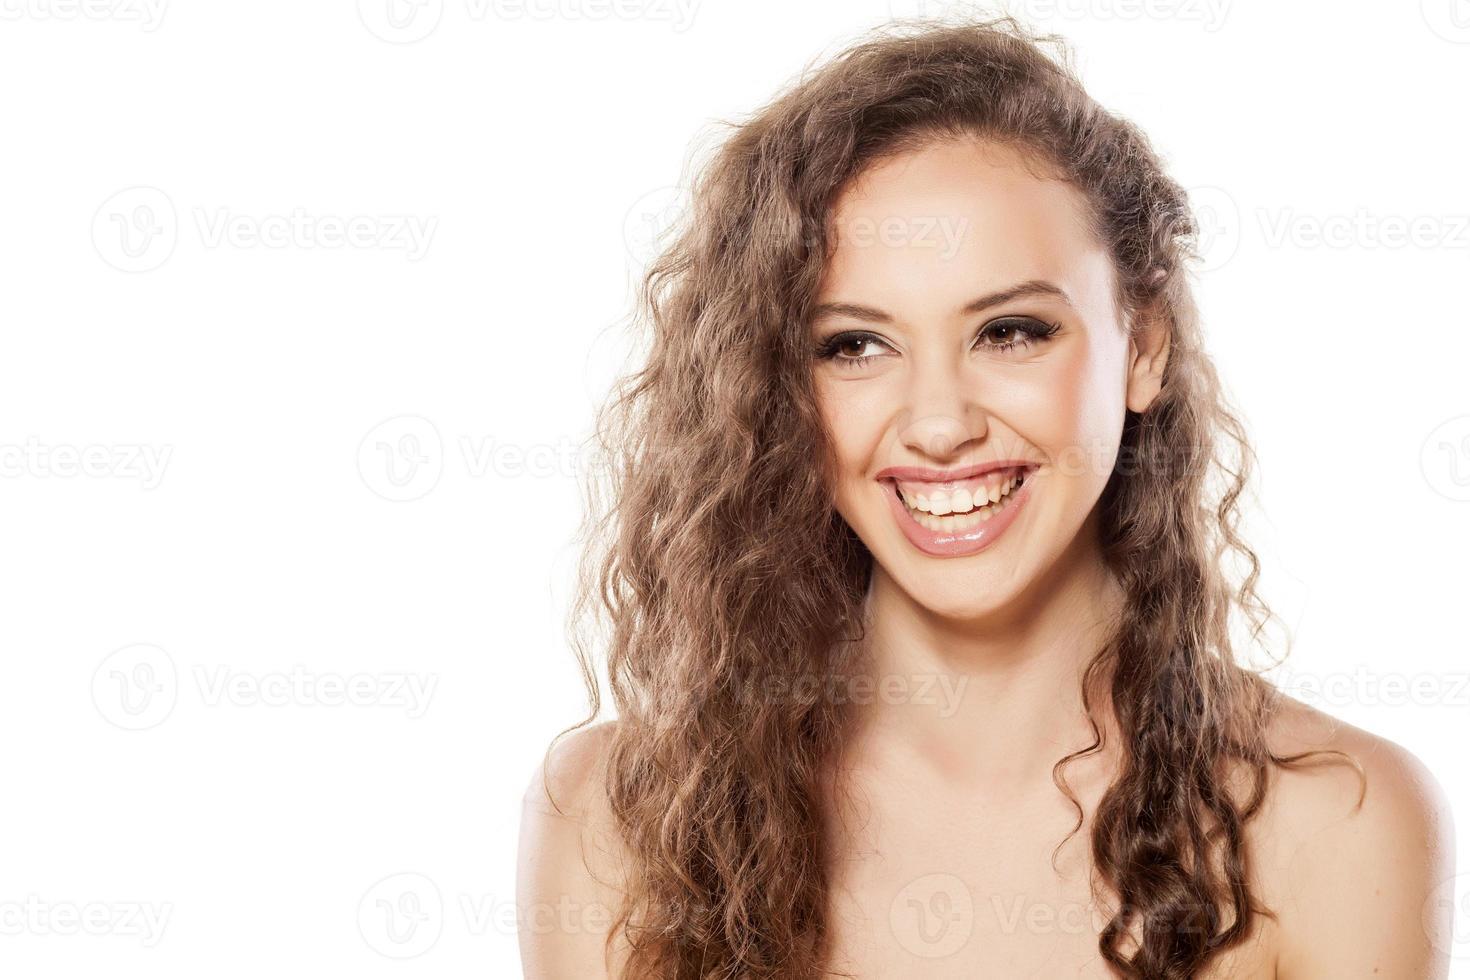 Porträt des lächelnden jungen Mädchens foto